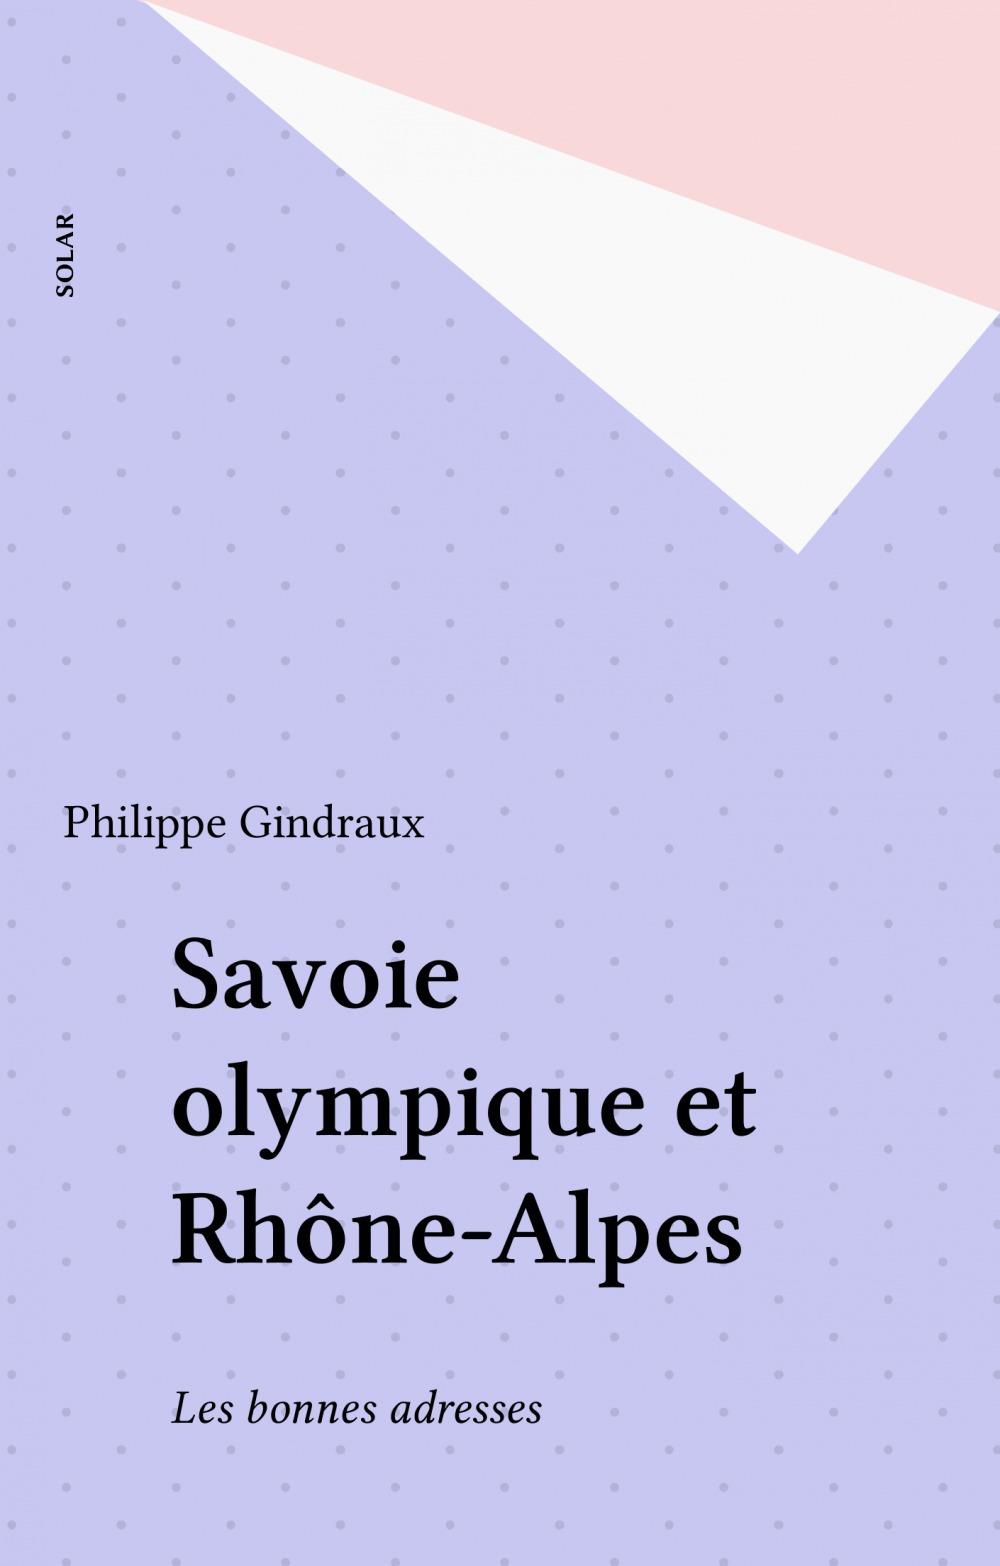 Savoie olympique rhone-alpes